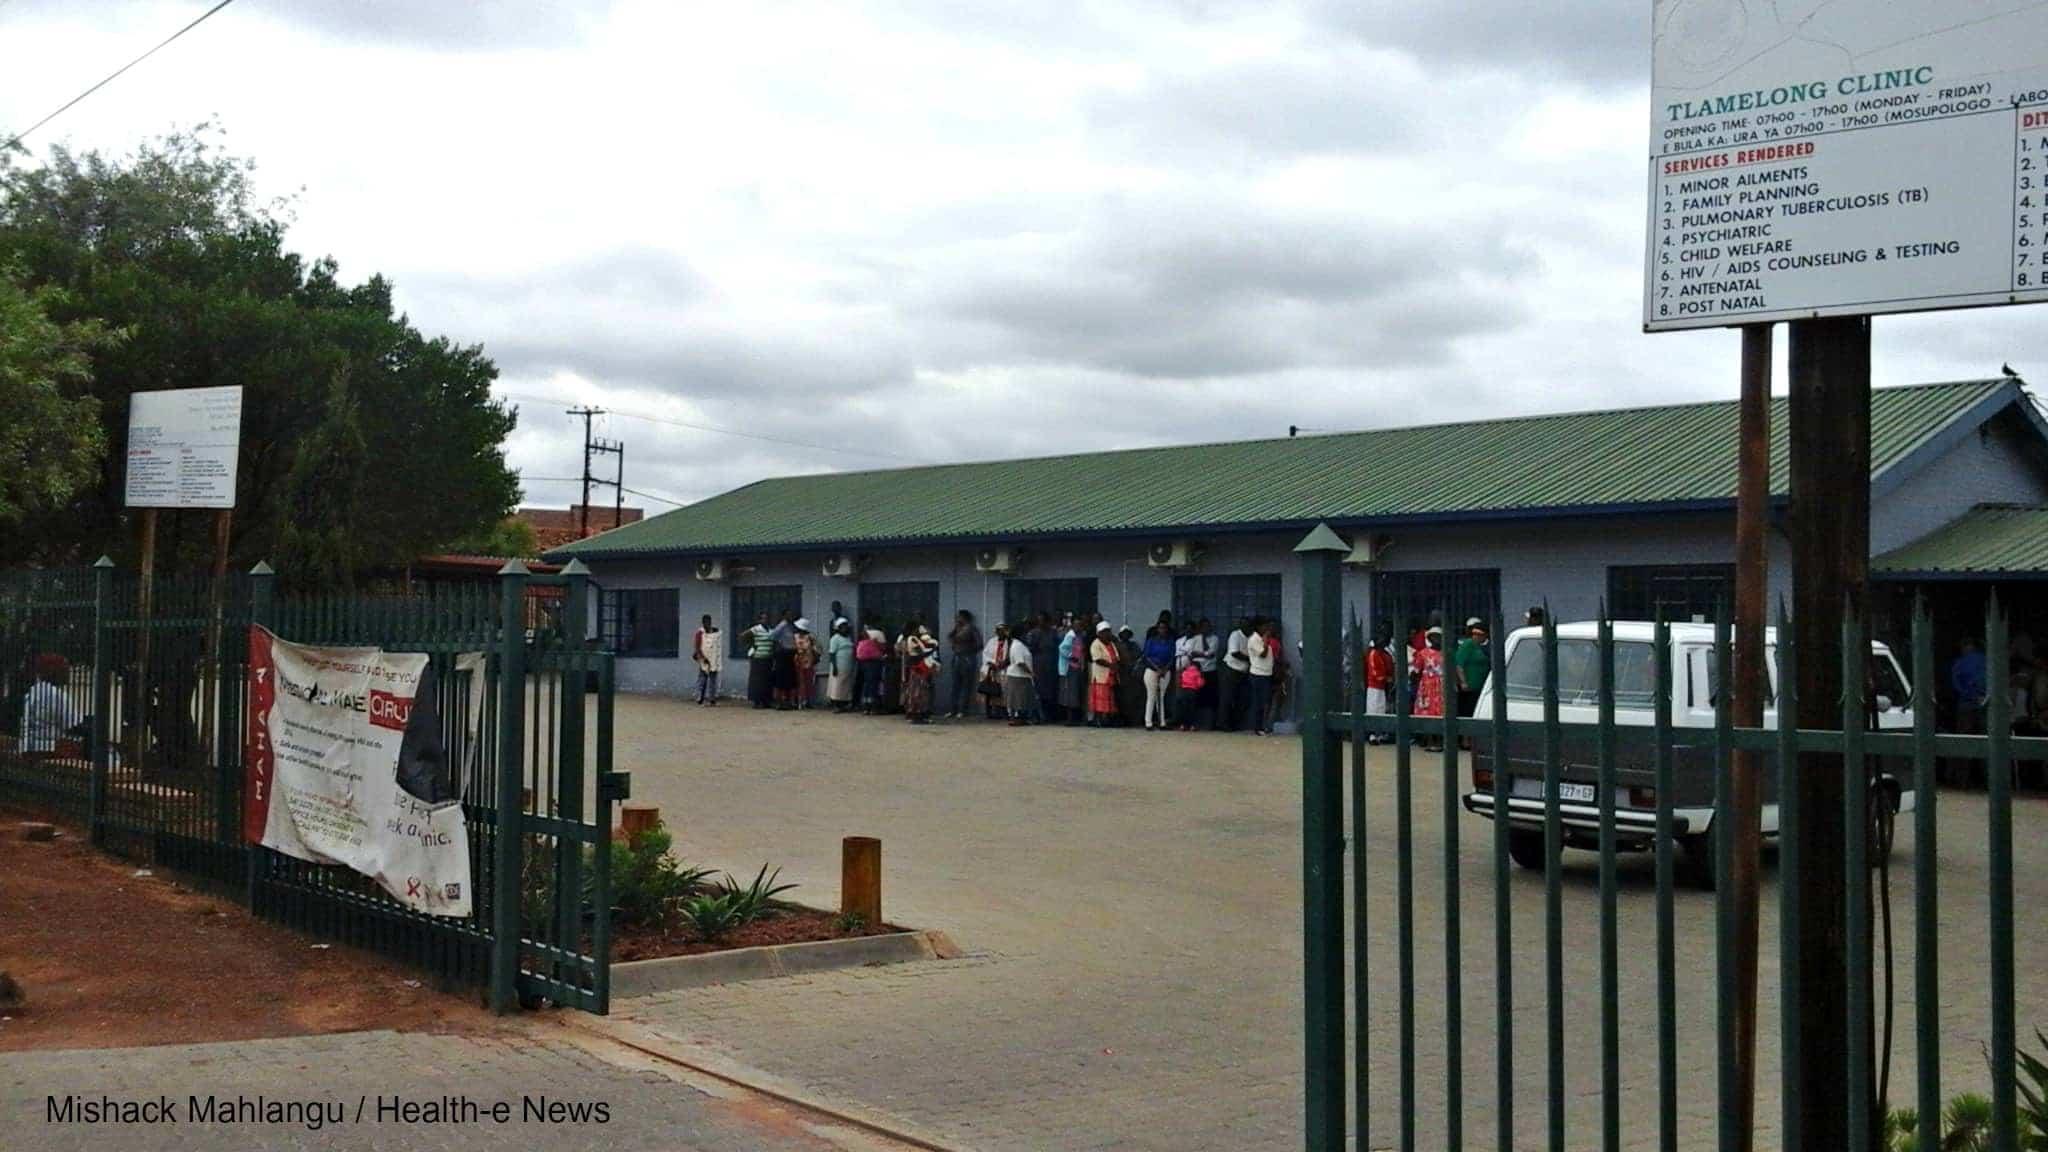 Patients wait outside Tlamelong Clinic